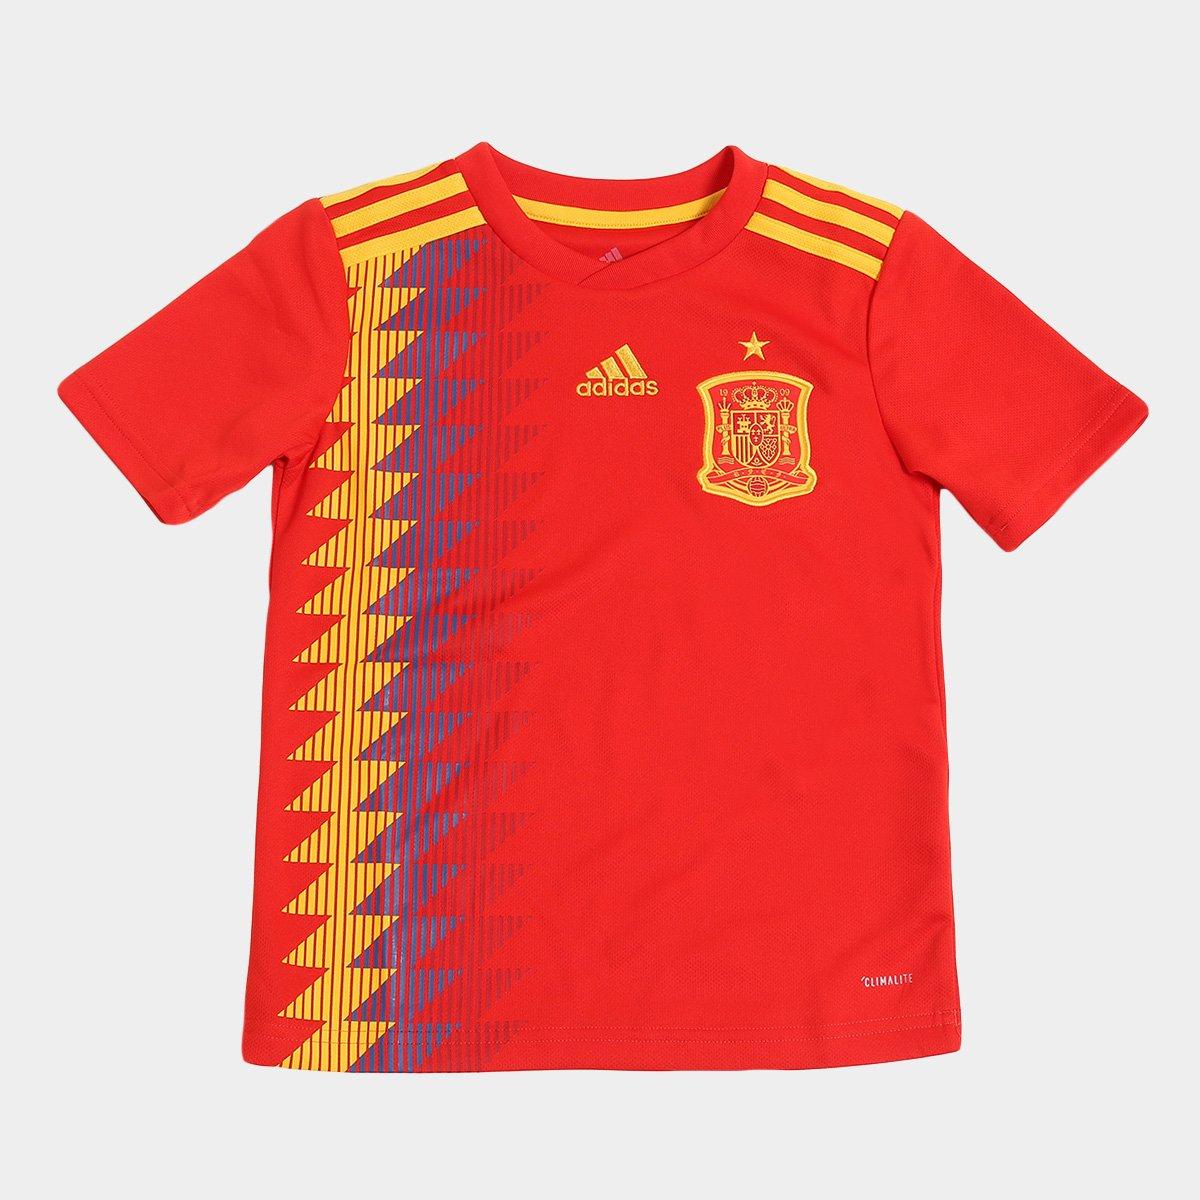 88a52eff4d Camisa Seleção Espanha Infantil Home 2018 s n° Torcedor Adidas ...